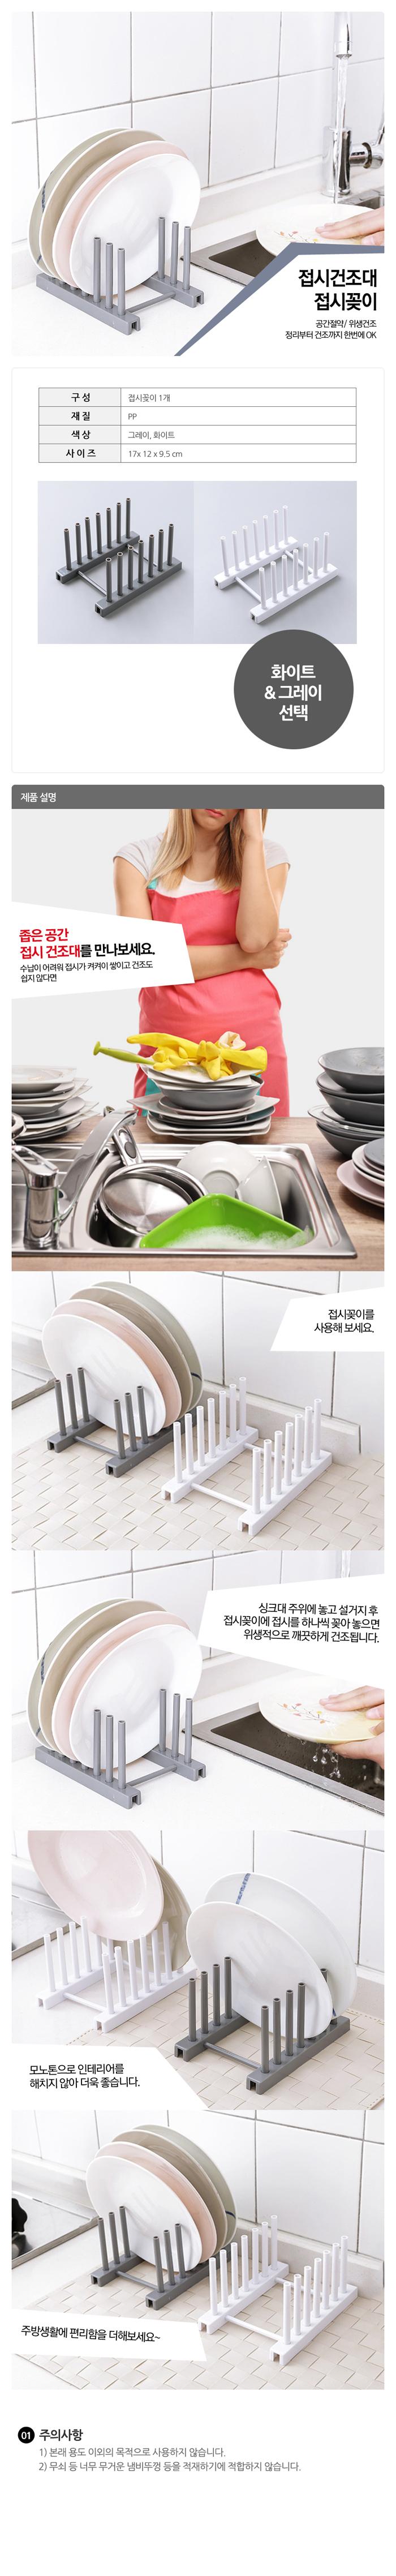 아파트32 접시꽂이 접시정리대 - 아파트32, 5,000원, 주방정리용품, 식기건조대